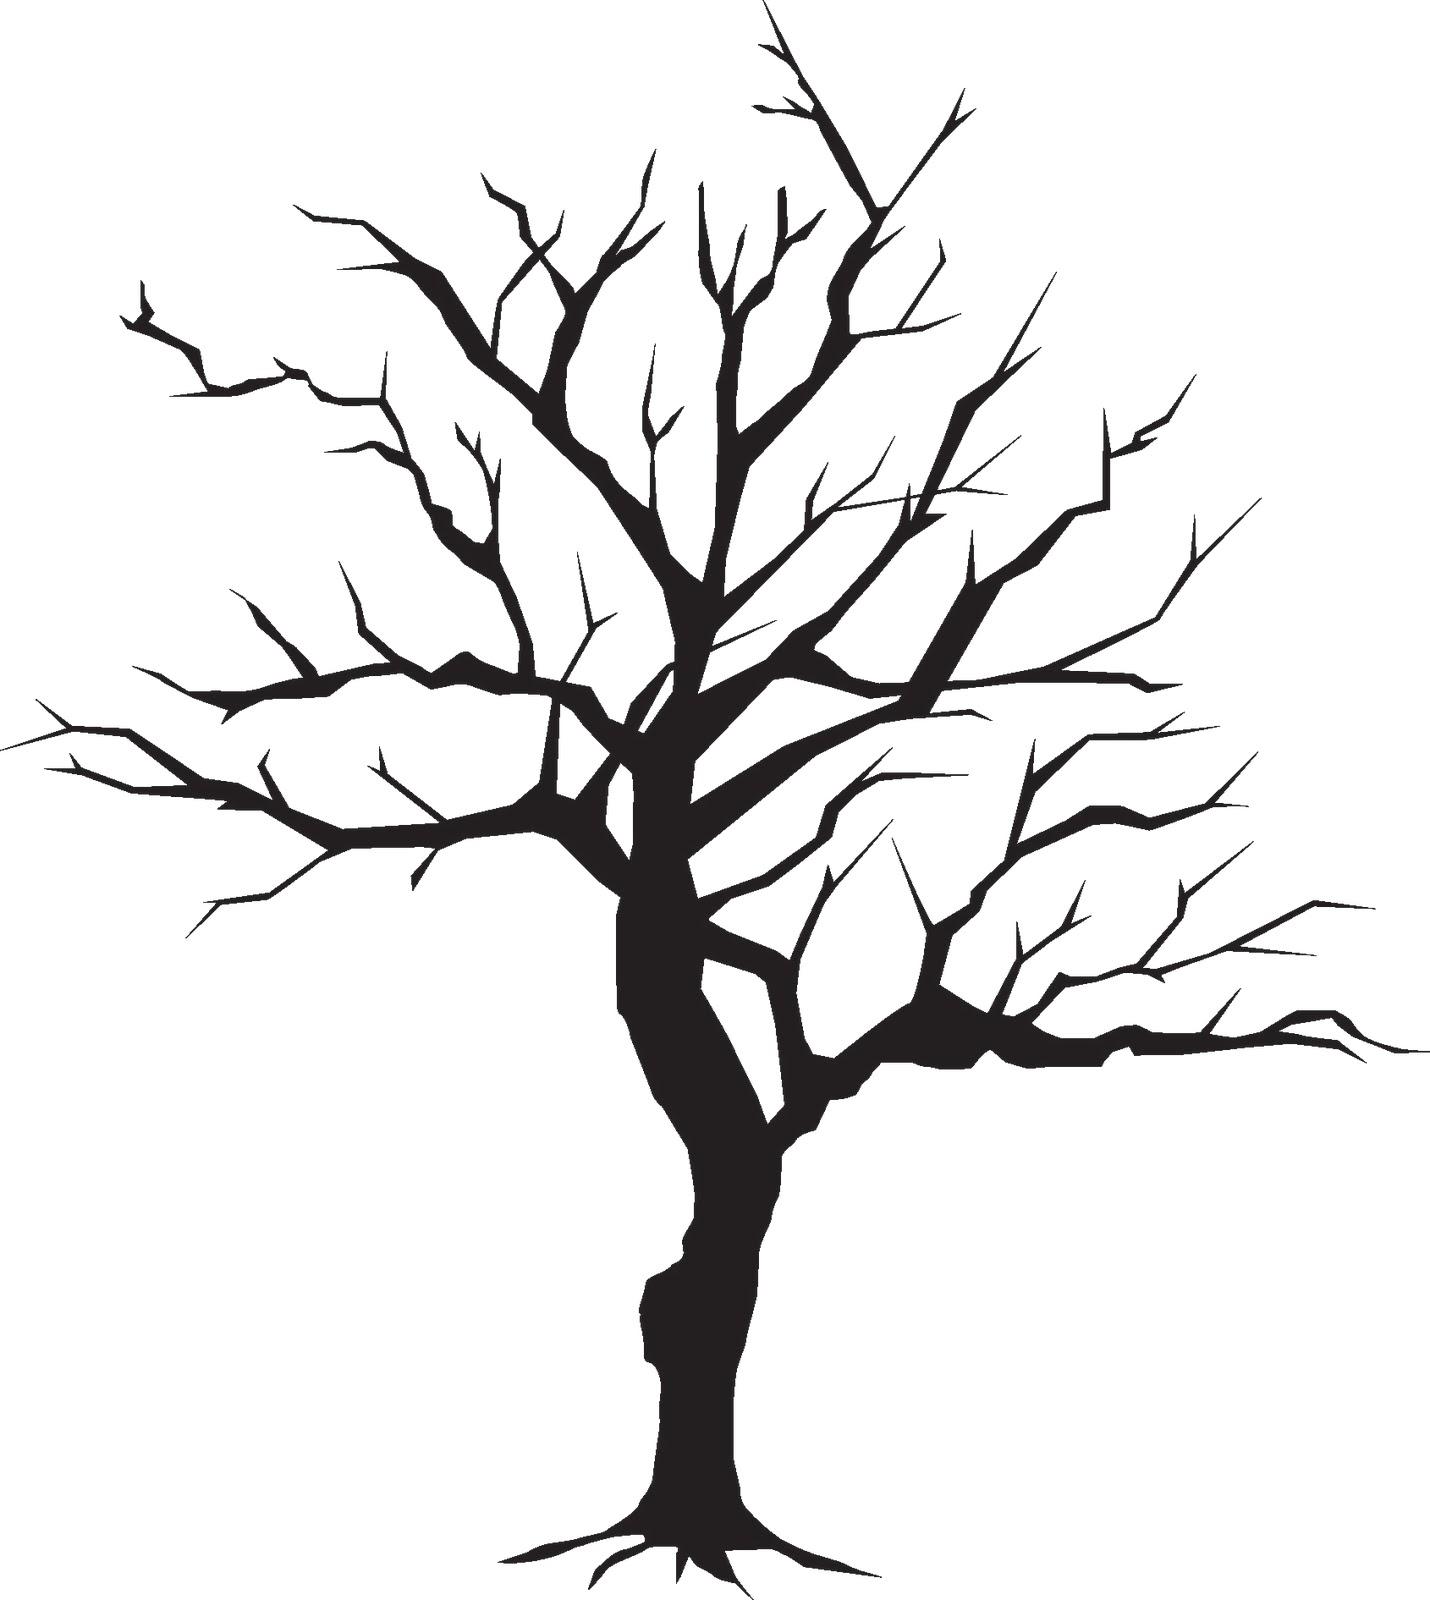 L 39 arbre empreinte plume ruban - Dessin arbre nu ...